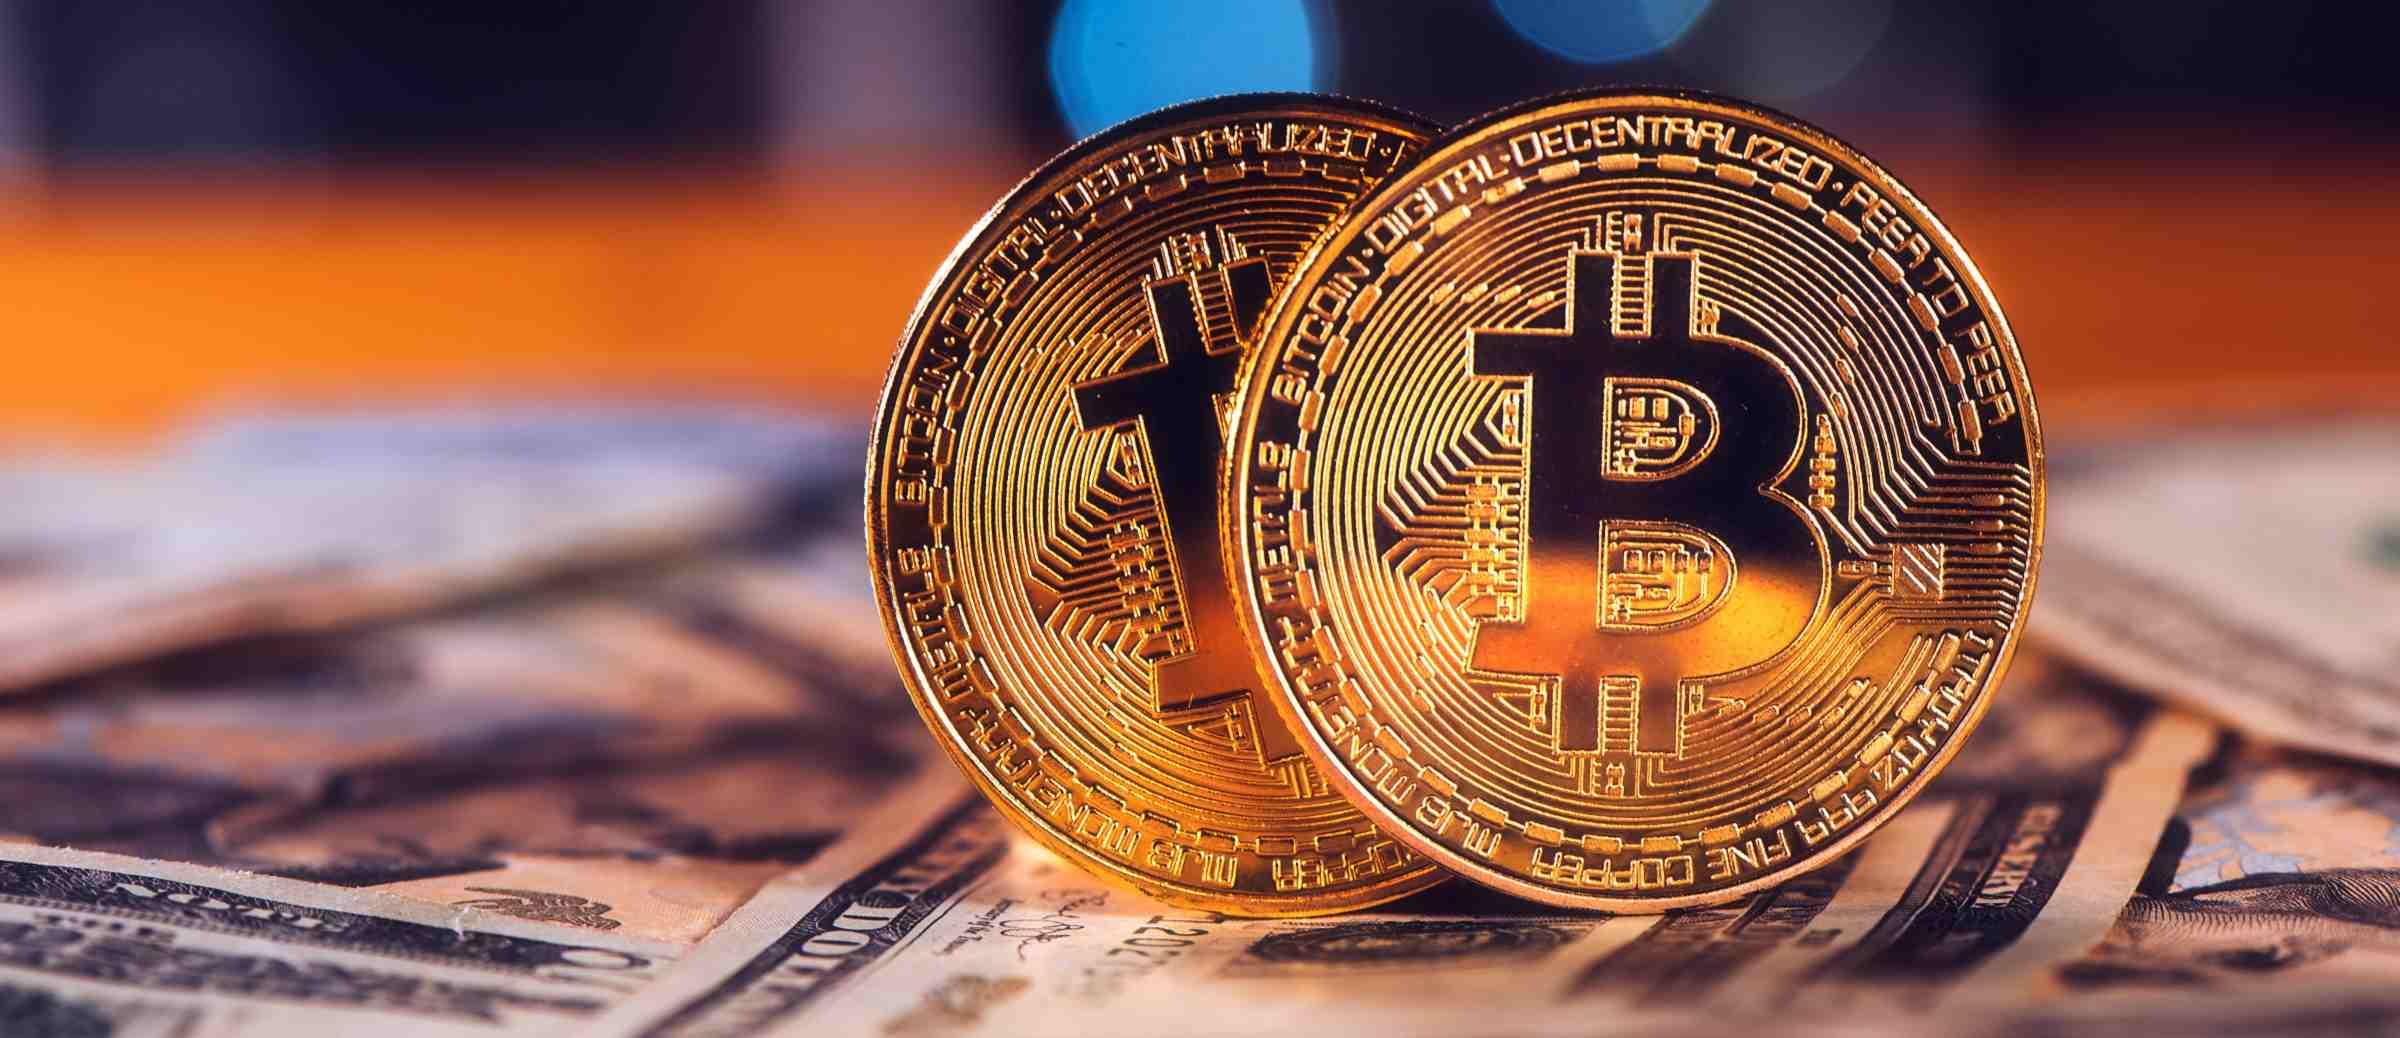 La correlazione tra mercati azionari e crypto - The Cryptonomist